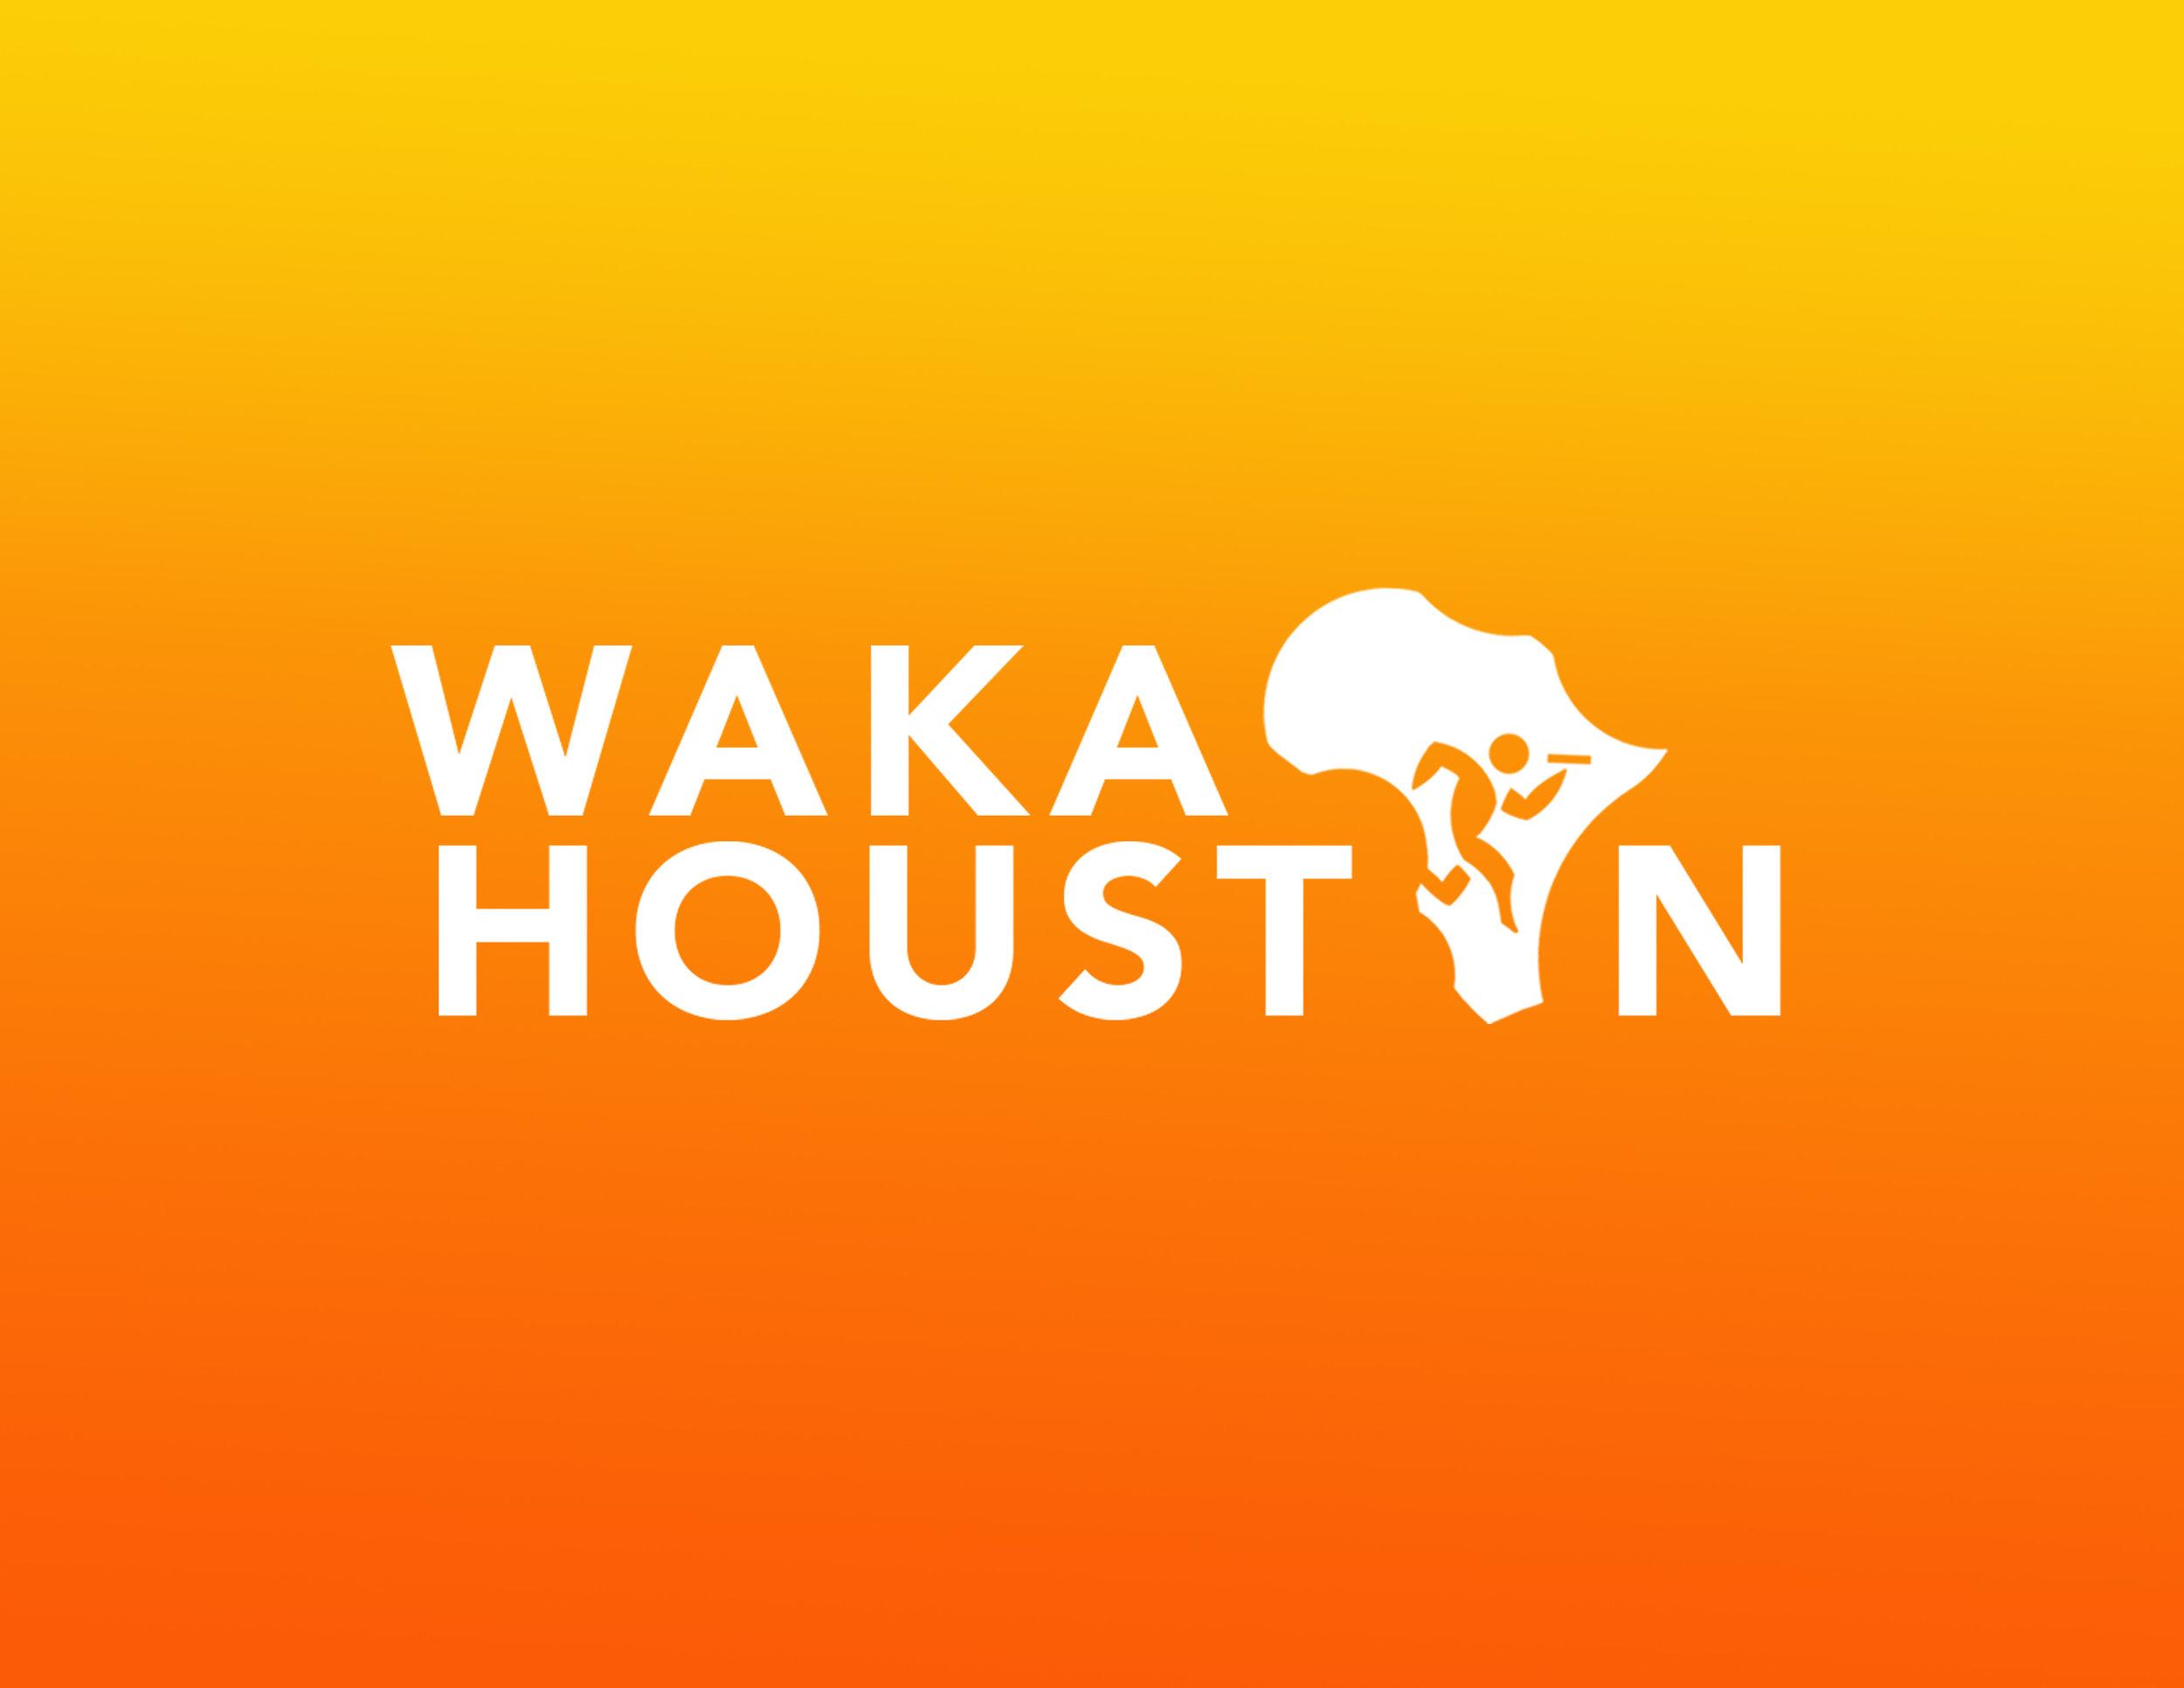 WakaHoustonLogo1.jpg